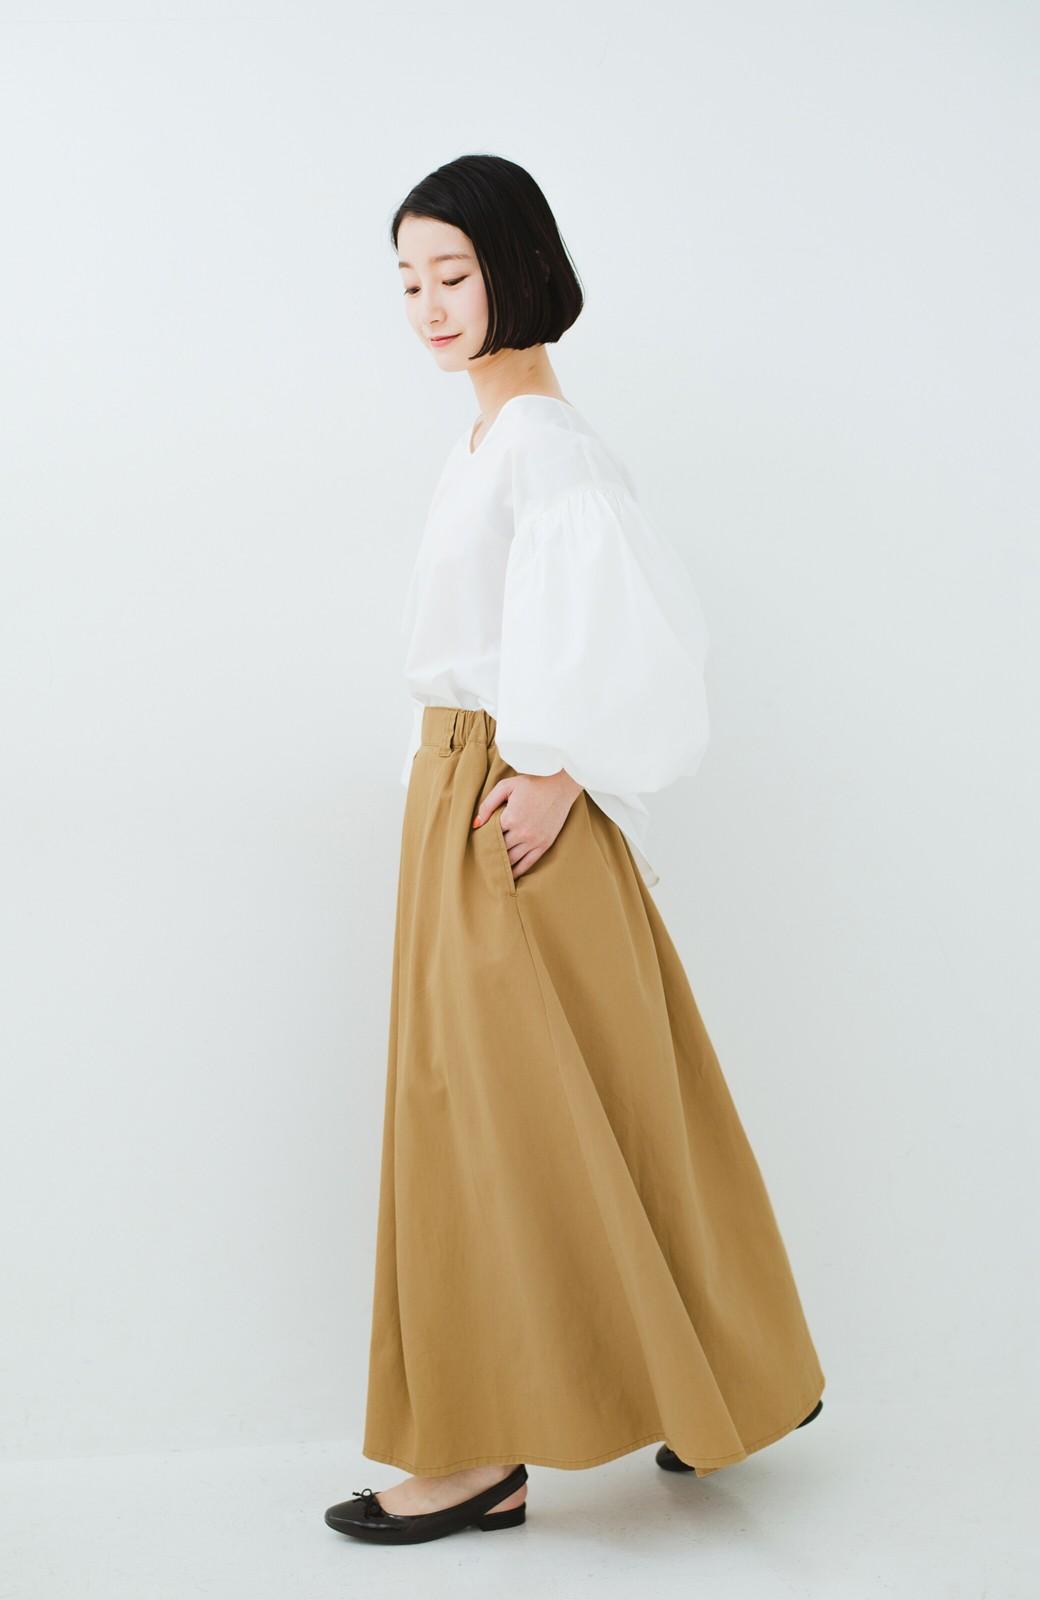 haco! 【スタッフスペシャルセット】ギリギリ女子ミオの夏のコーデに便利!手持ちのTシャツといけるんちゃうかセット  <その他>の商品写真15